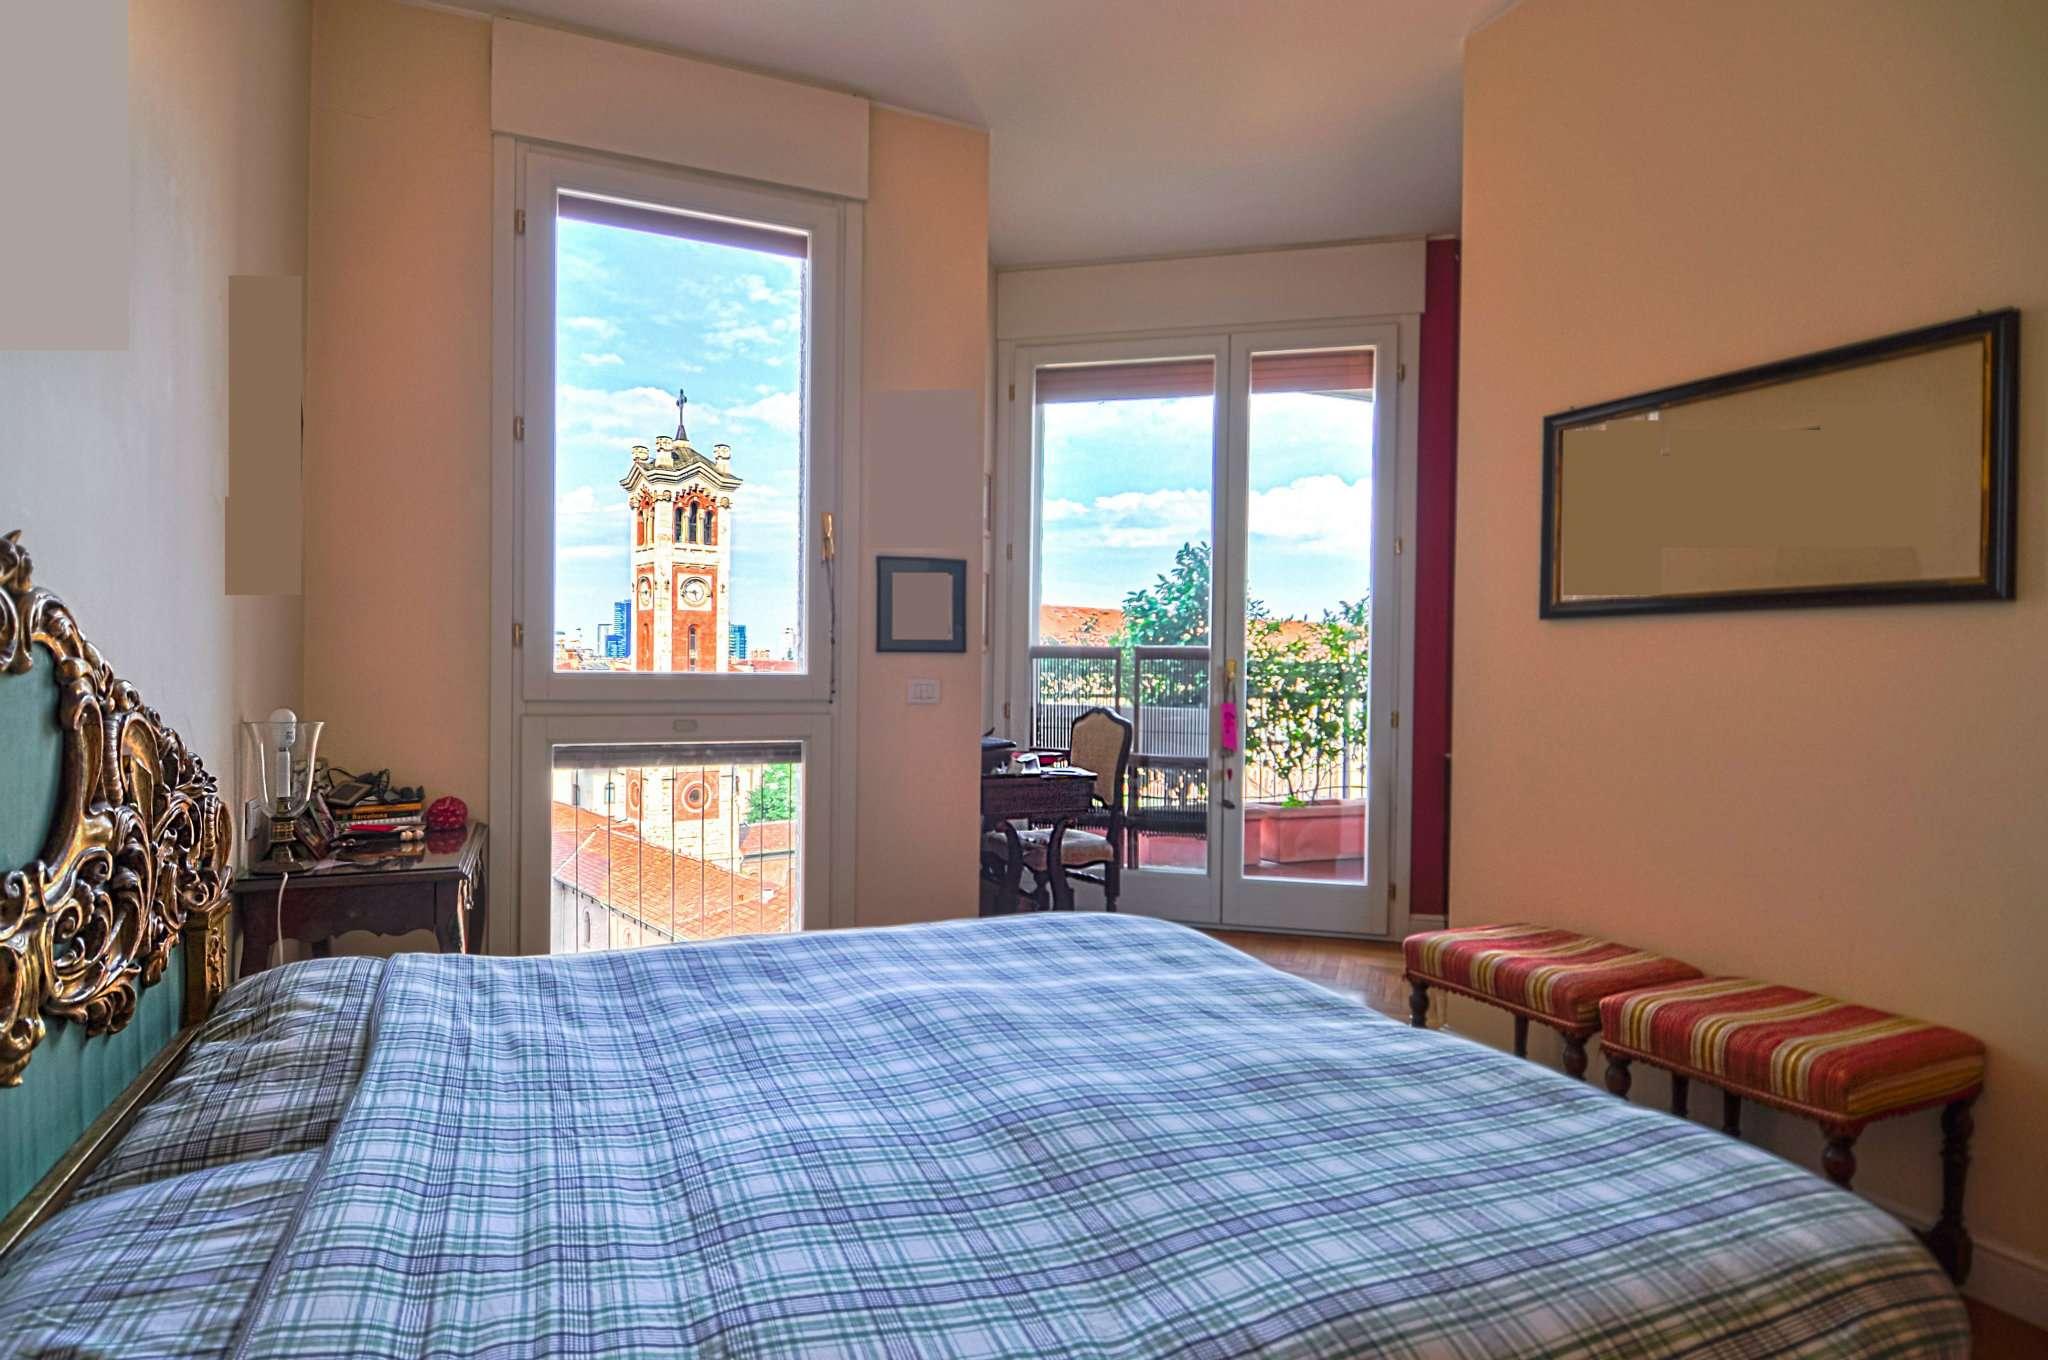 Appartamento in Vendita a Milano: 4 locali, 144 mq - Foto 1